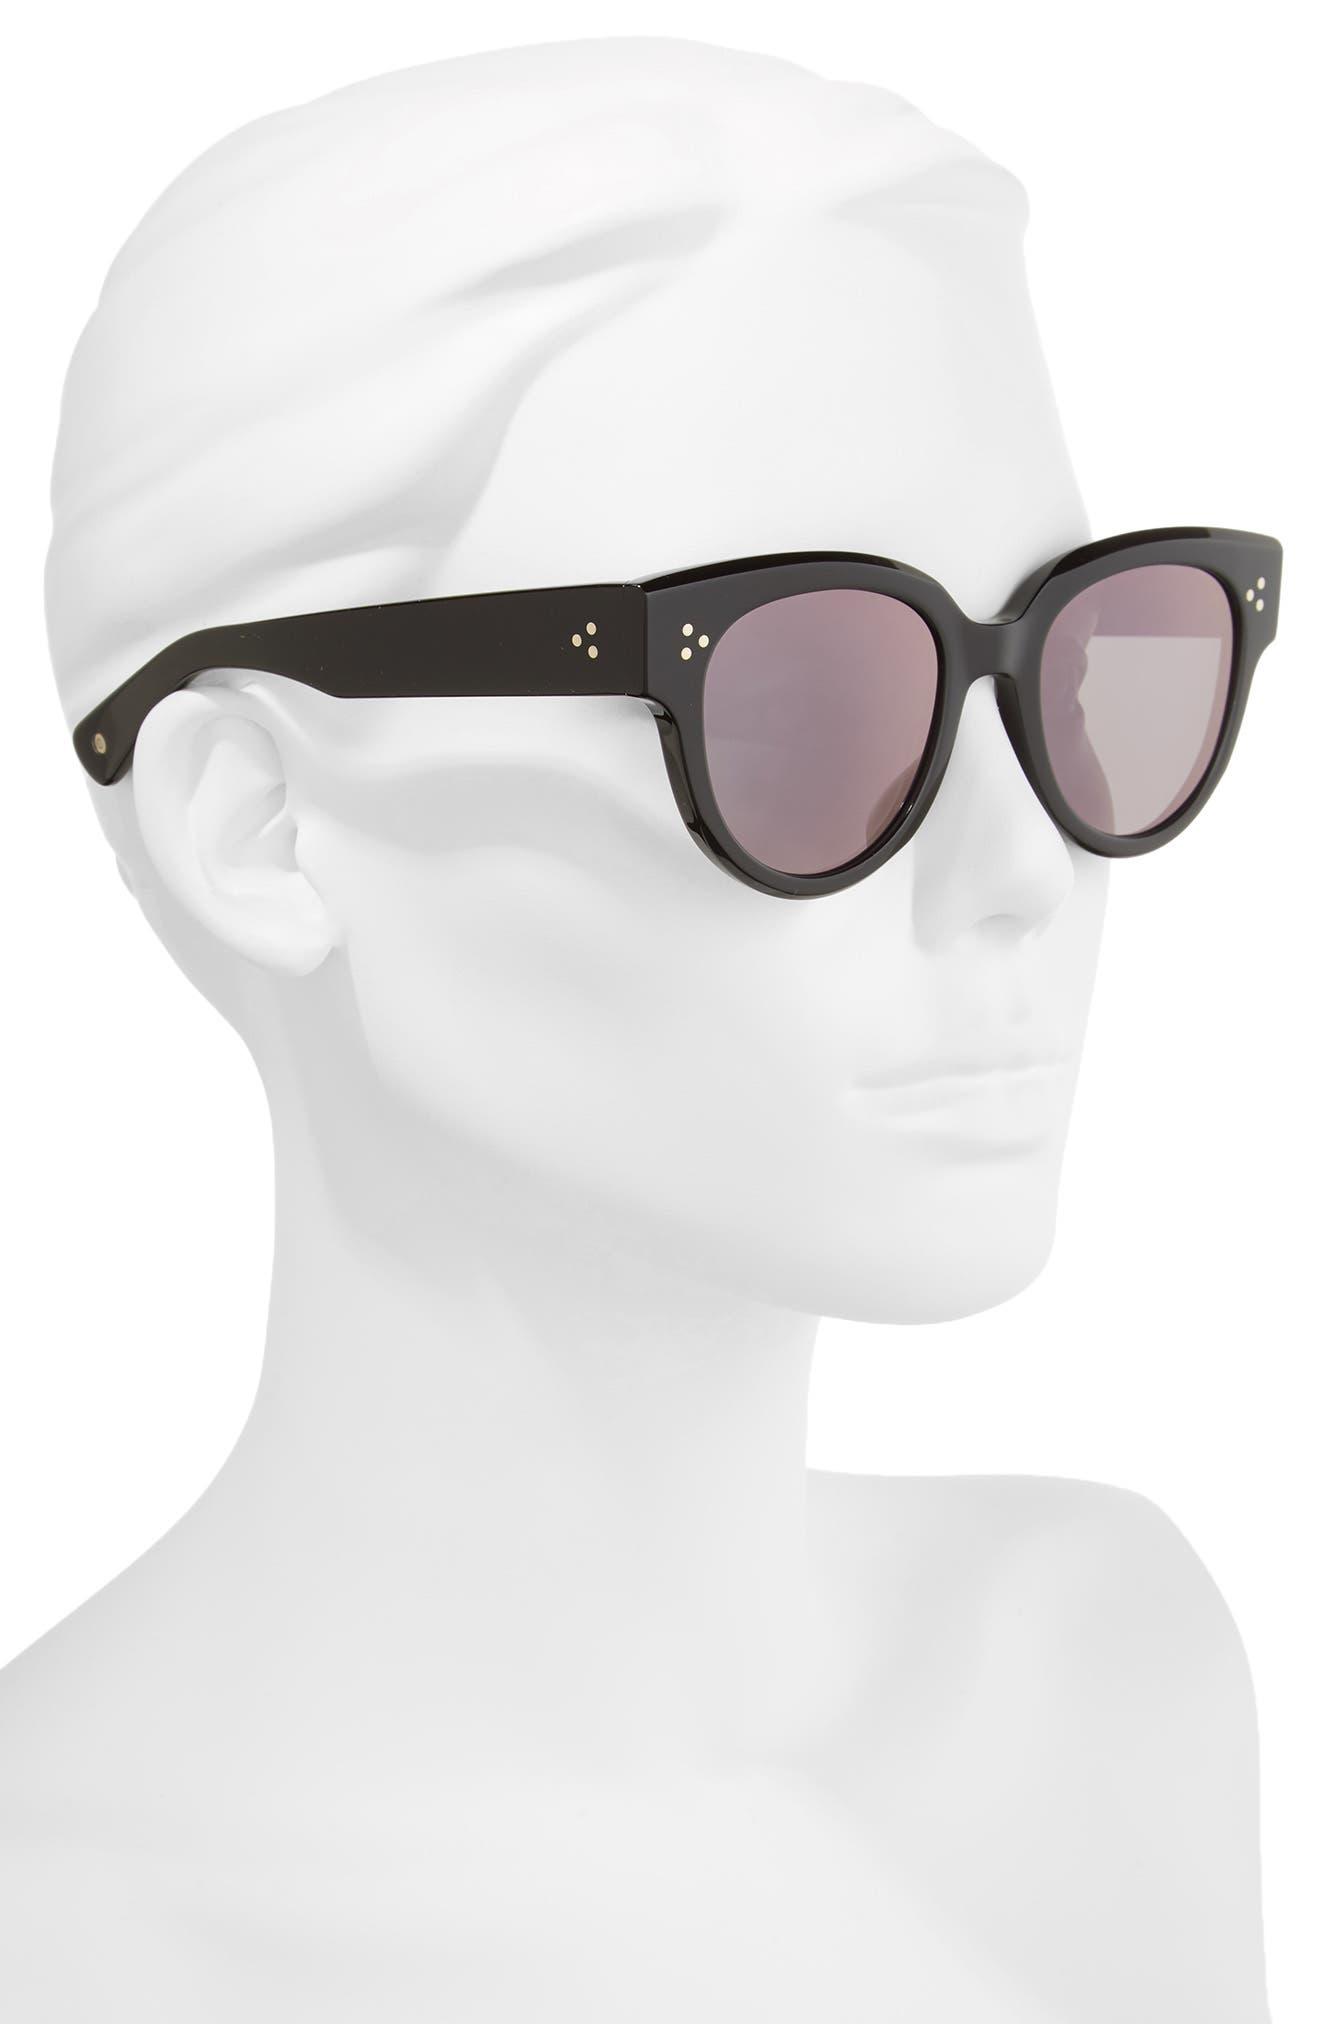 Pettibone 52mm Polarized Sunglasses,                             Alternate thumbnail 2, color,                             001